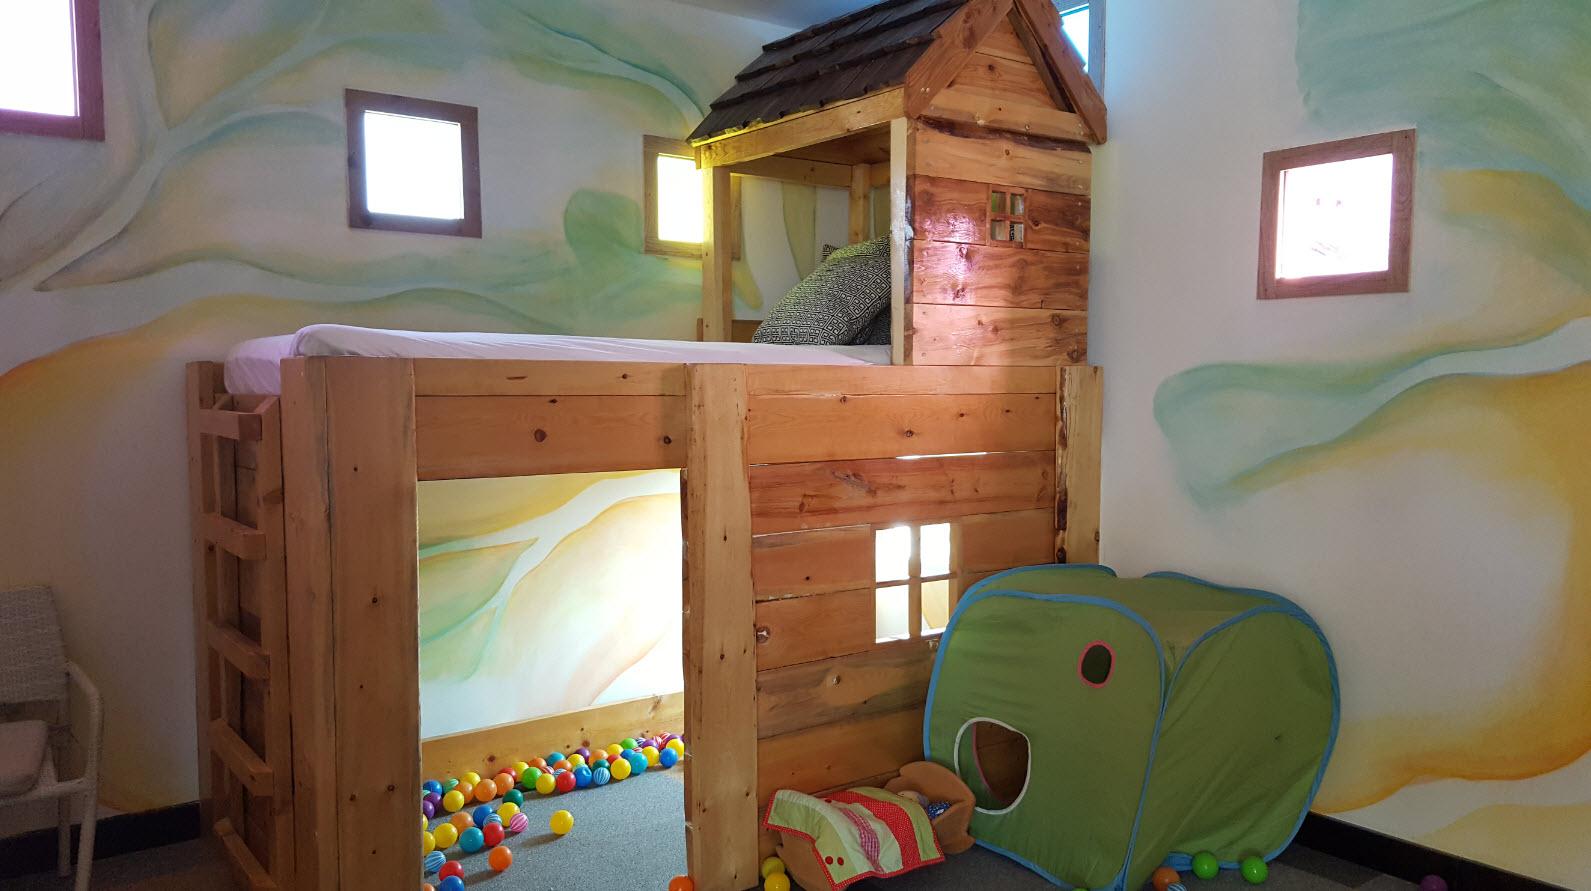 Cabane interieure